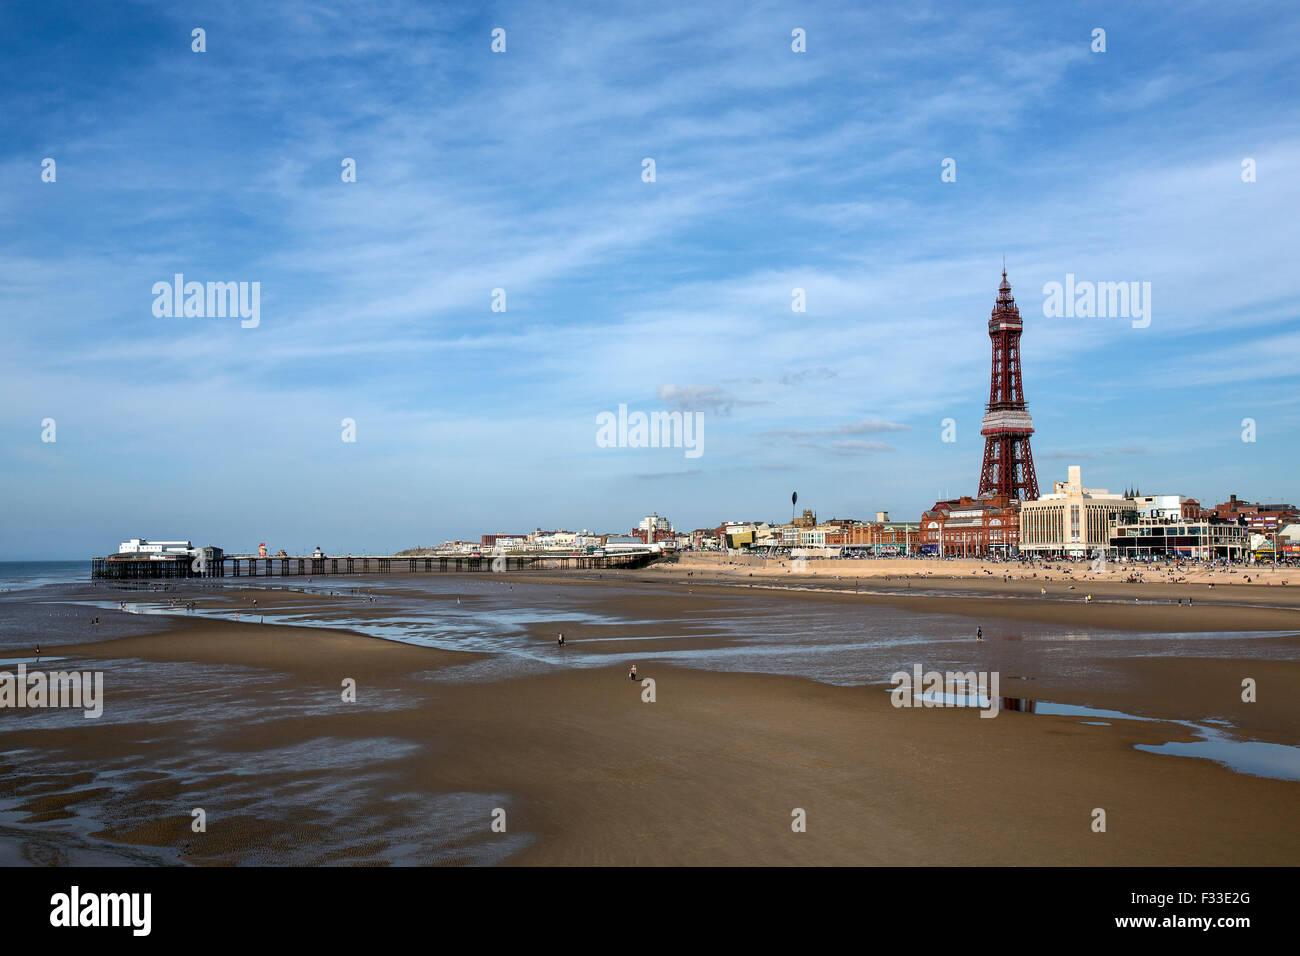 Il vecchio molo nord e dalla Torre di Blackpool nella località balneare di Blackpool sulla costa nord-ovest dell'Inghilterra. Foto Stock